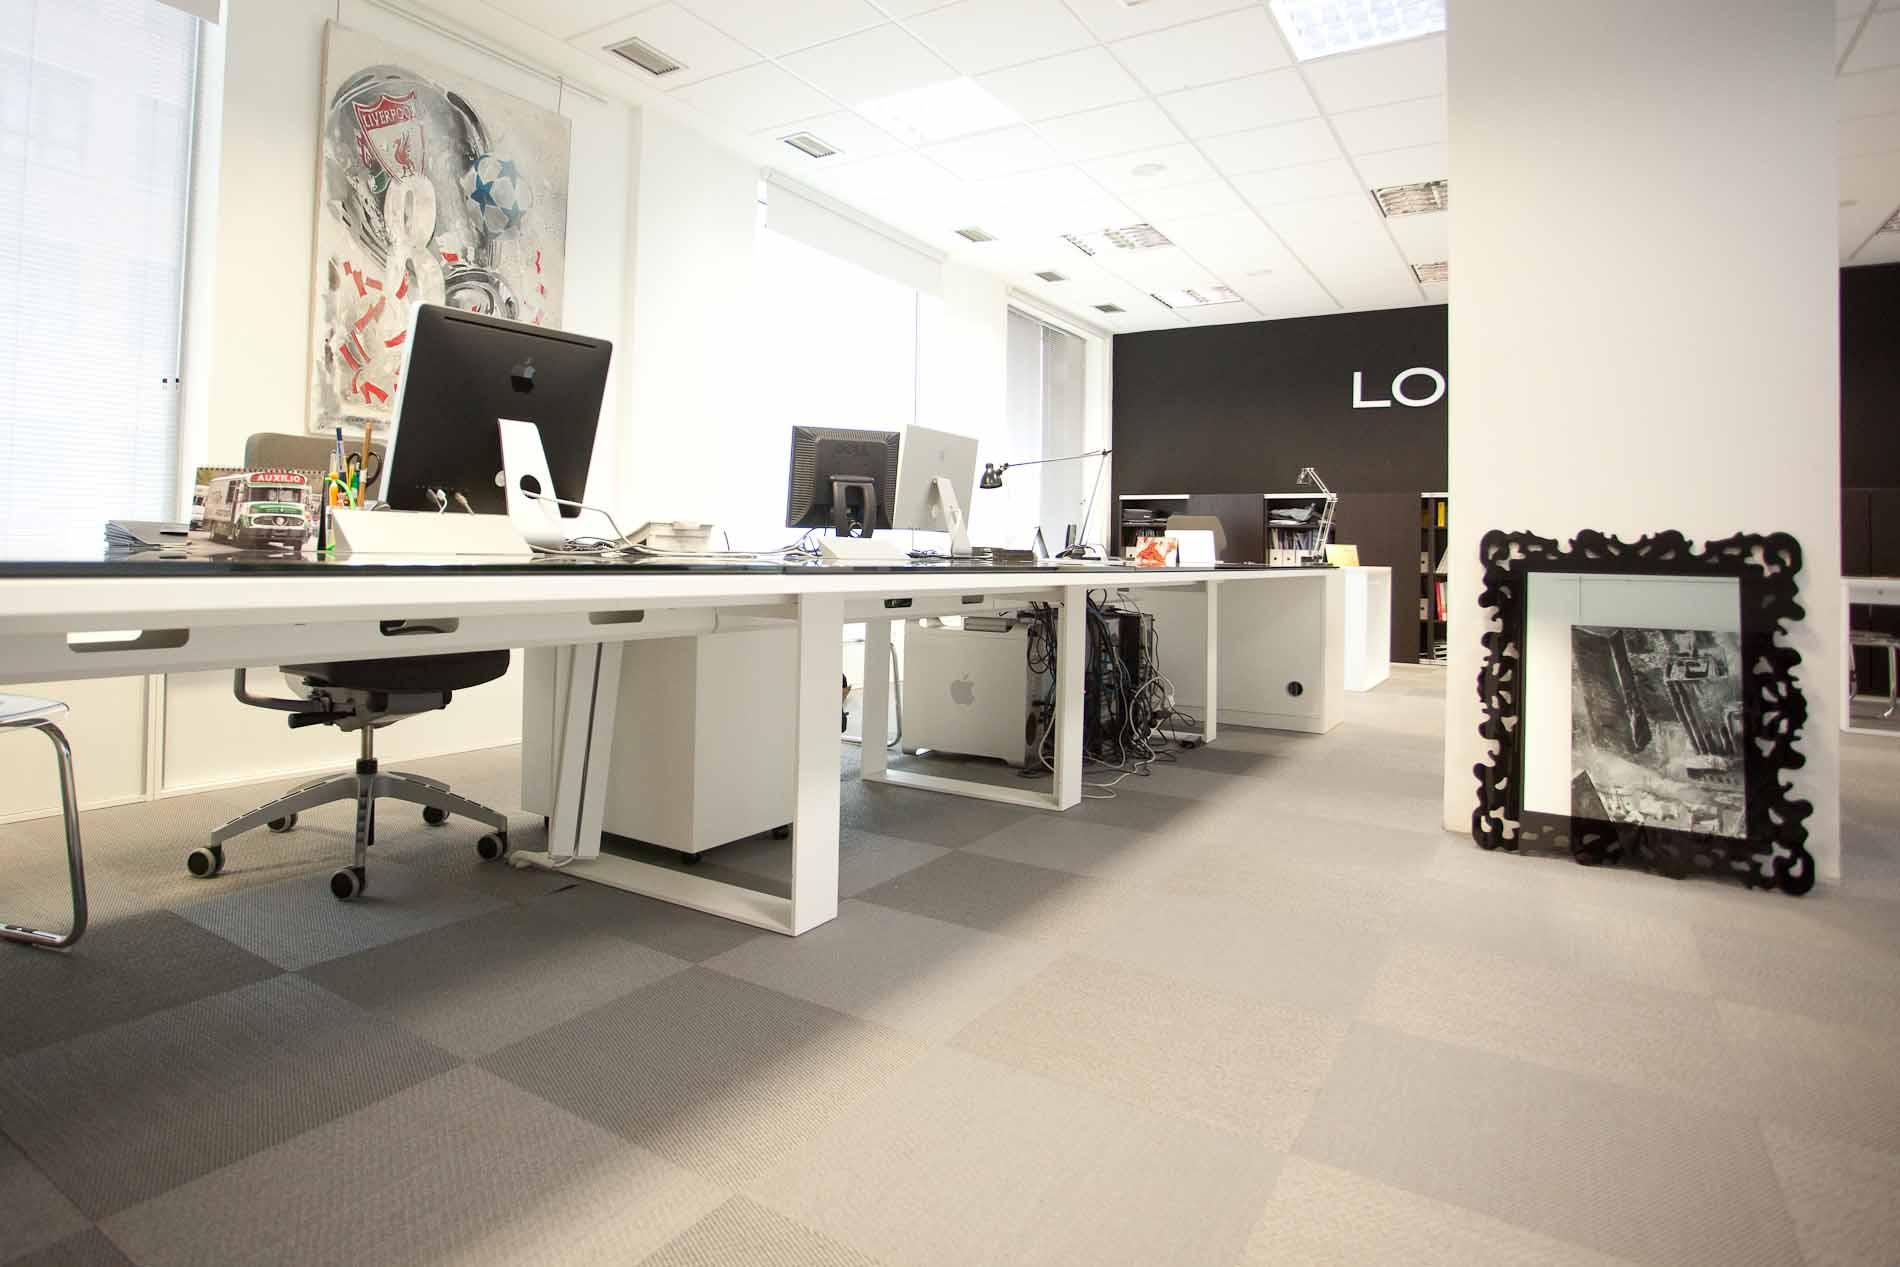 Dise o oficina lombok design design arquitectura for Diseno de oficinas pequenas planos